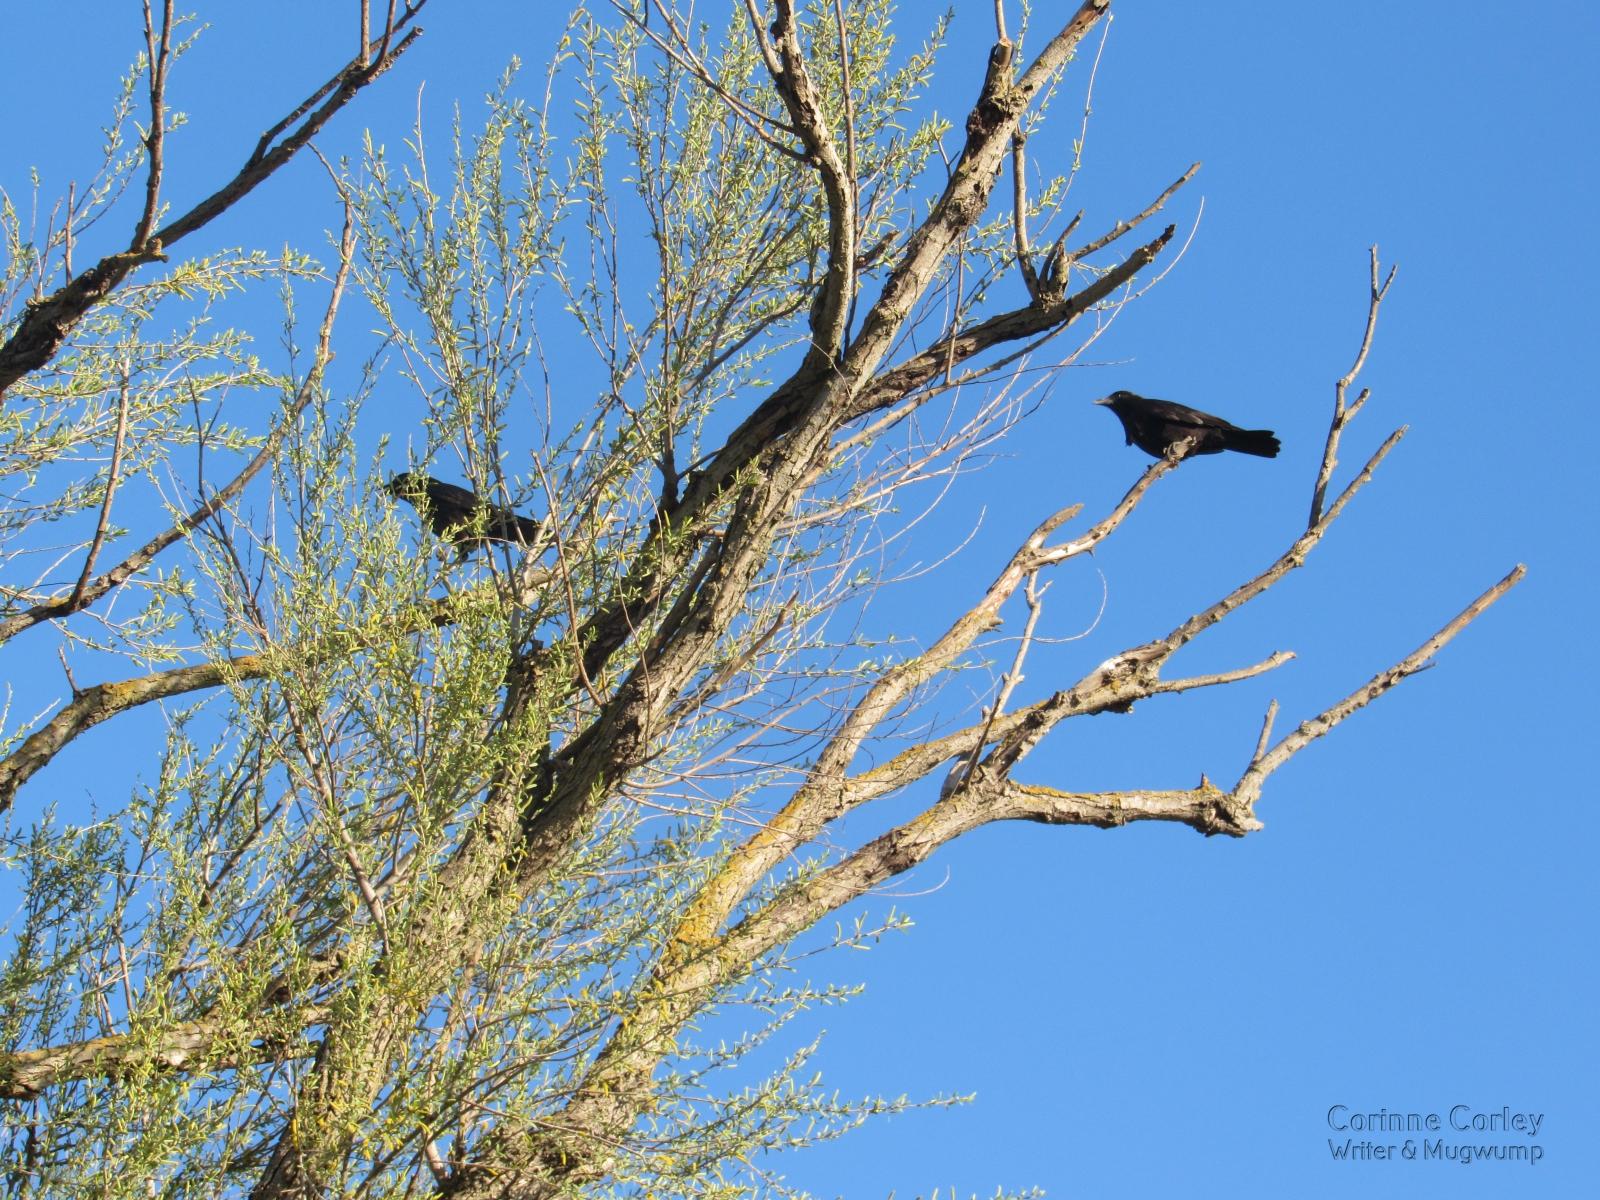 Crow-against-the-sky